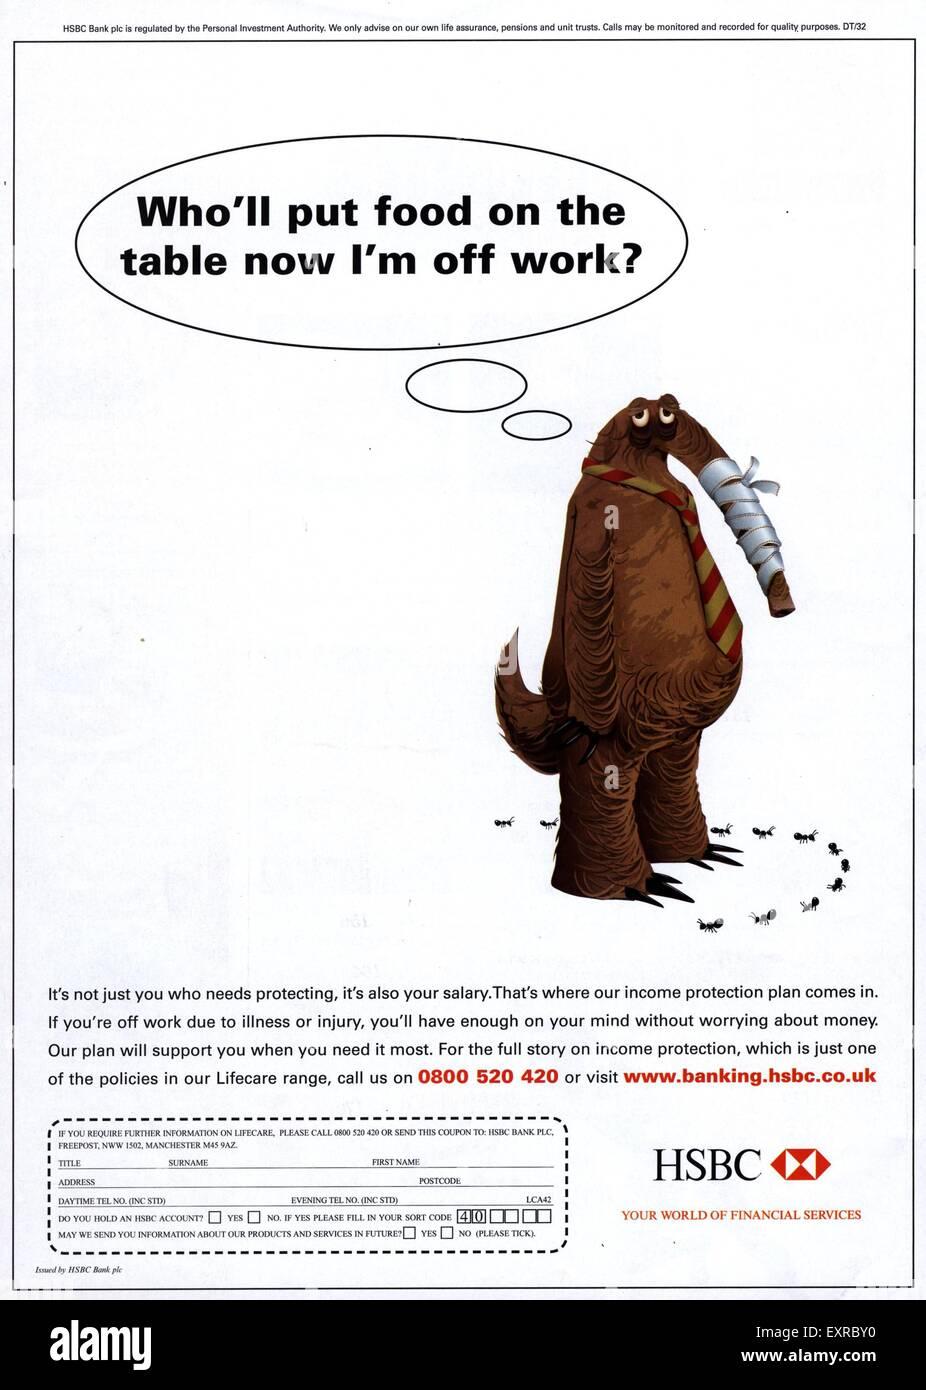 2000s Uk Hsbc Magazine Advert Stock Photos & 2000s Uk Hsbc Magazine